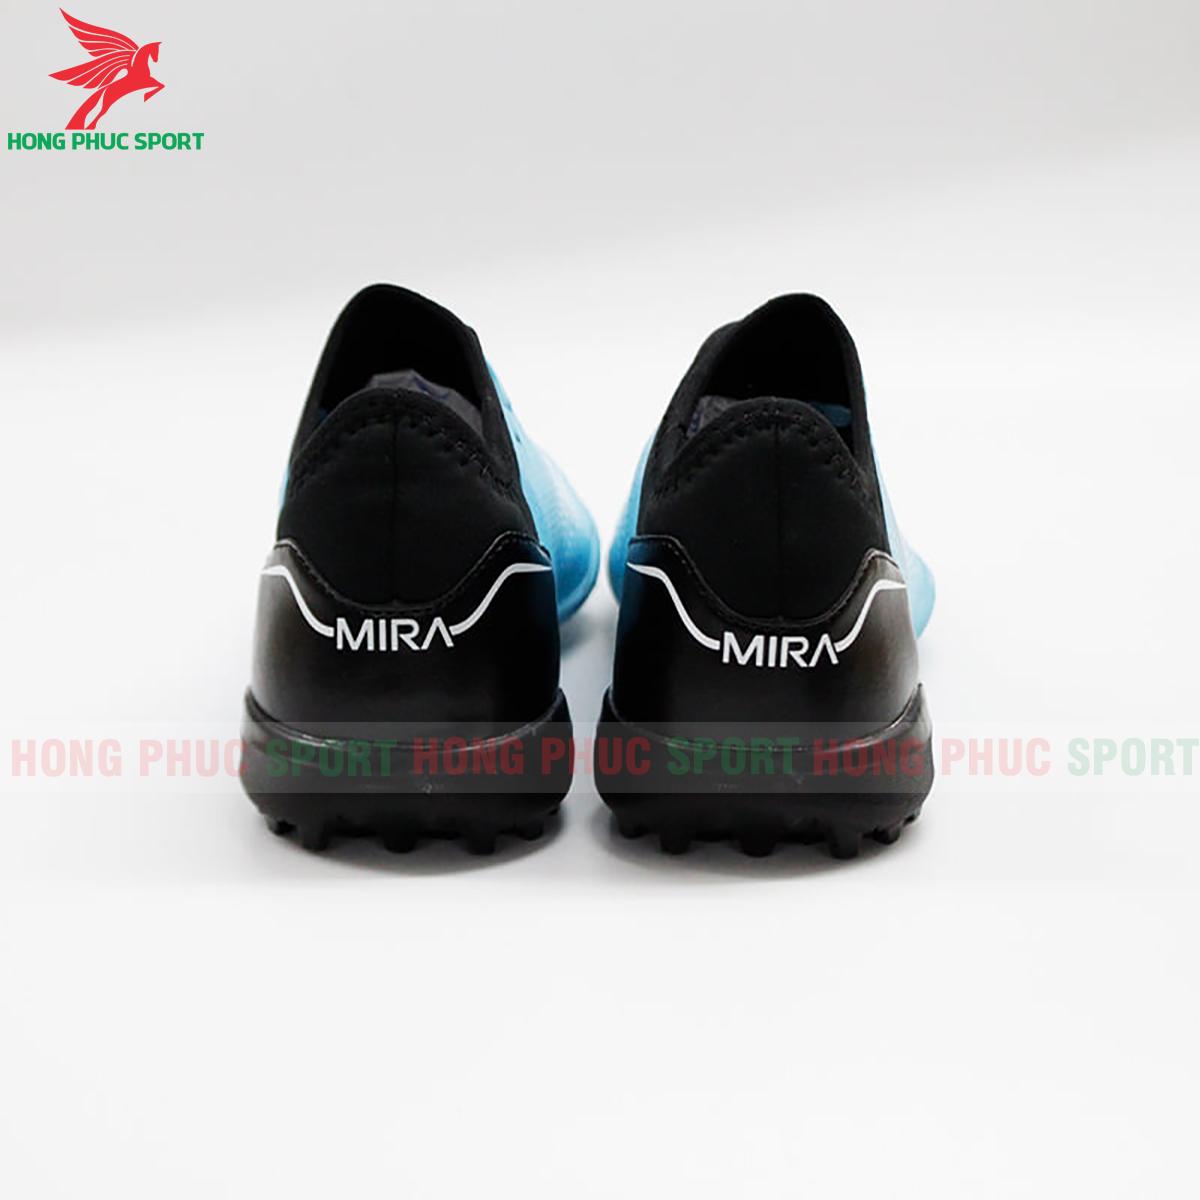 https://cdn.hongphucsport.com/unsafe/s4.shopbay.vn/files/285/giay-da-bong-mira-lux-20-3-mau-xanh-ngoc-phoi-den-6-5f73ffea54a7d.png